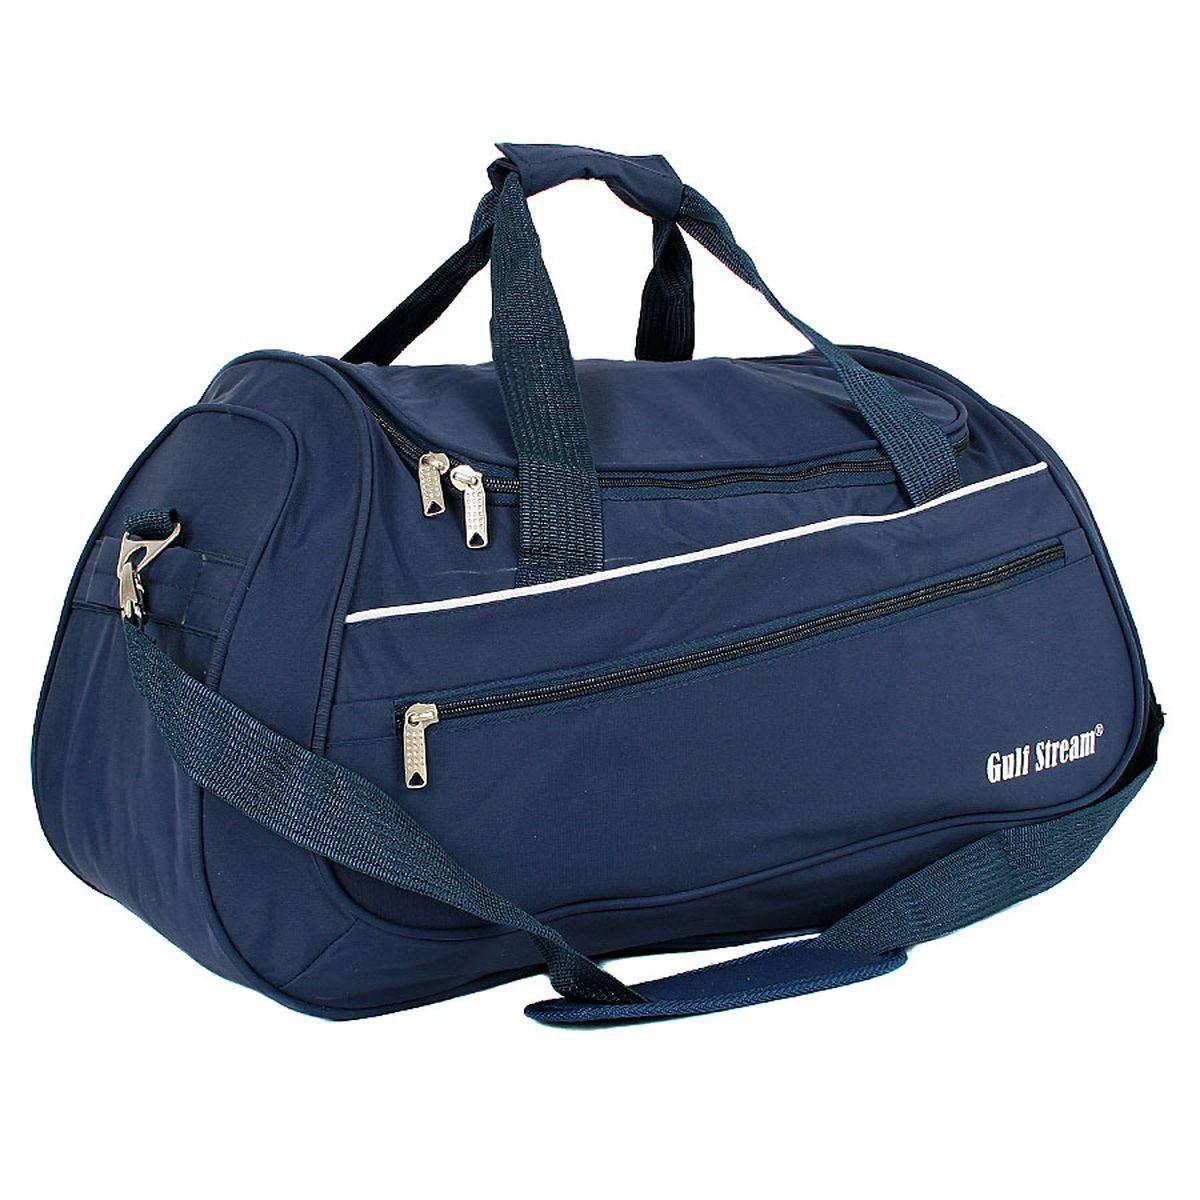 Сумка спортивная Polar, цвет: темно-синий, 46,5 л. 59866067Материал – полиэстер с водоотталкивающей пропиткой. Вместительная спортивная сумка среднего размера. Одно отделение. Карман на передней части. В комплект входит съемный плечевой ремень. Эта сумка идеально подойдет для спорта и отдыха.